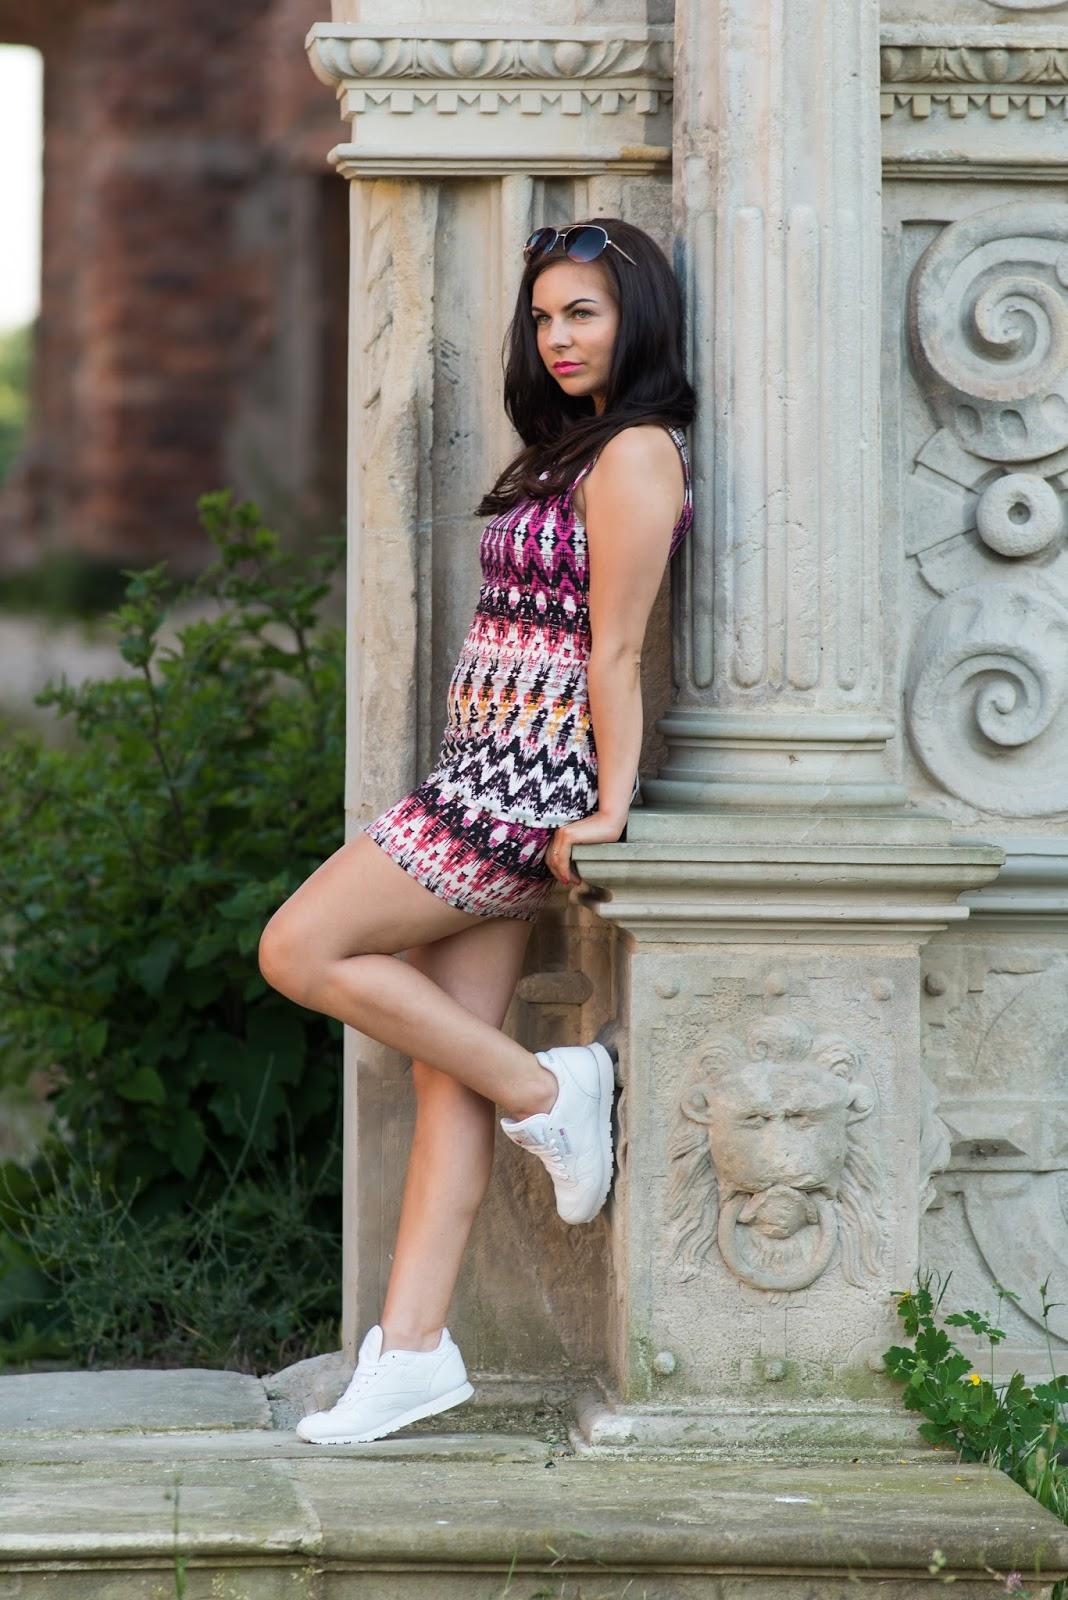 paula-visage: Styl casual czyli wygodna elegancja